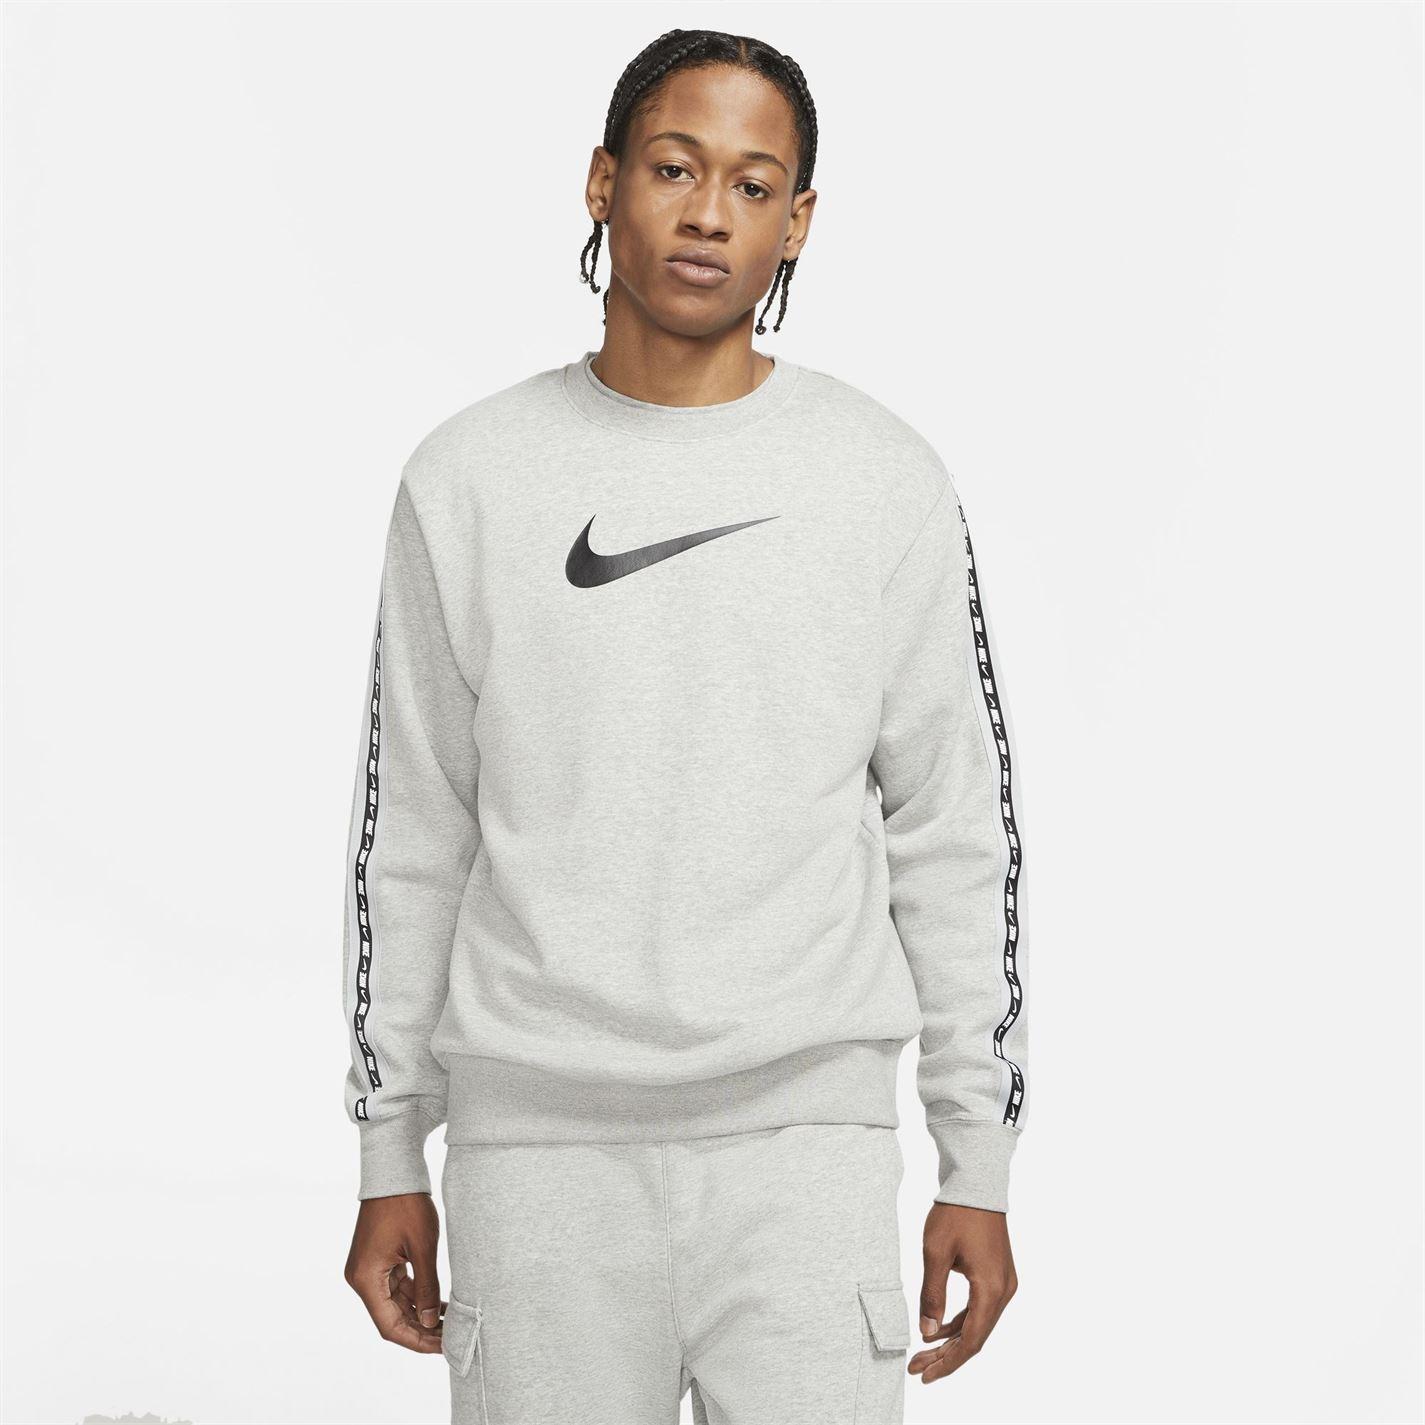 Nike Repeat Crew Sn14 inchis gri